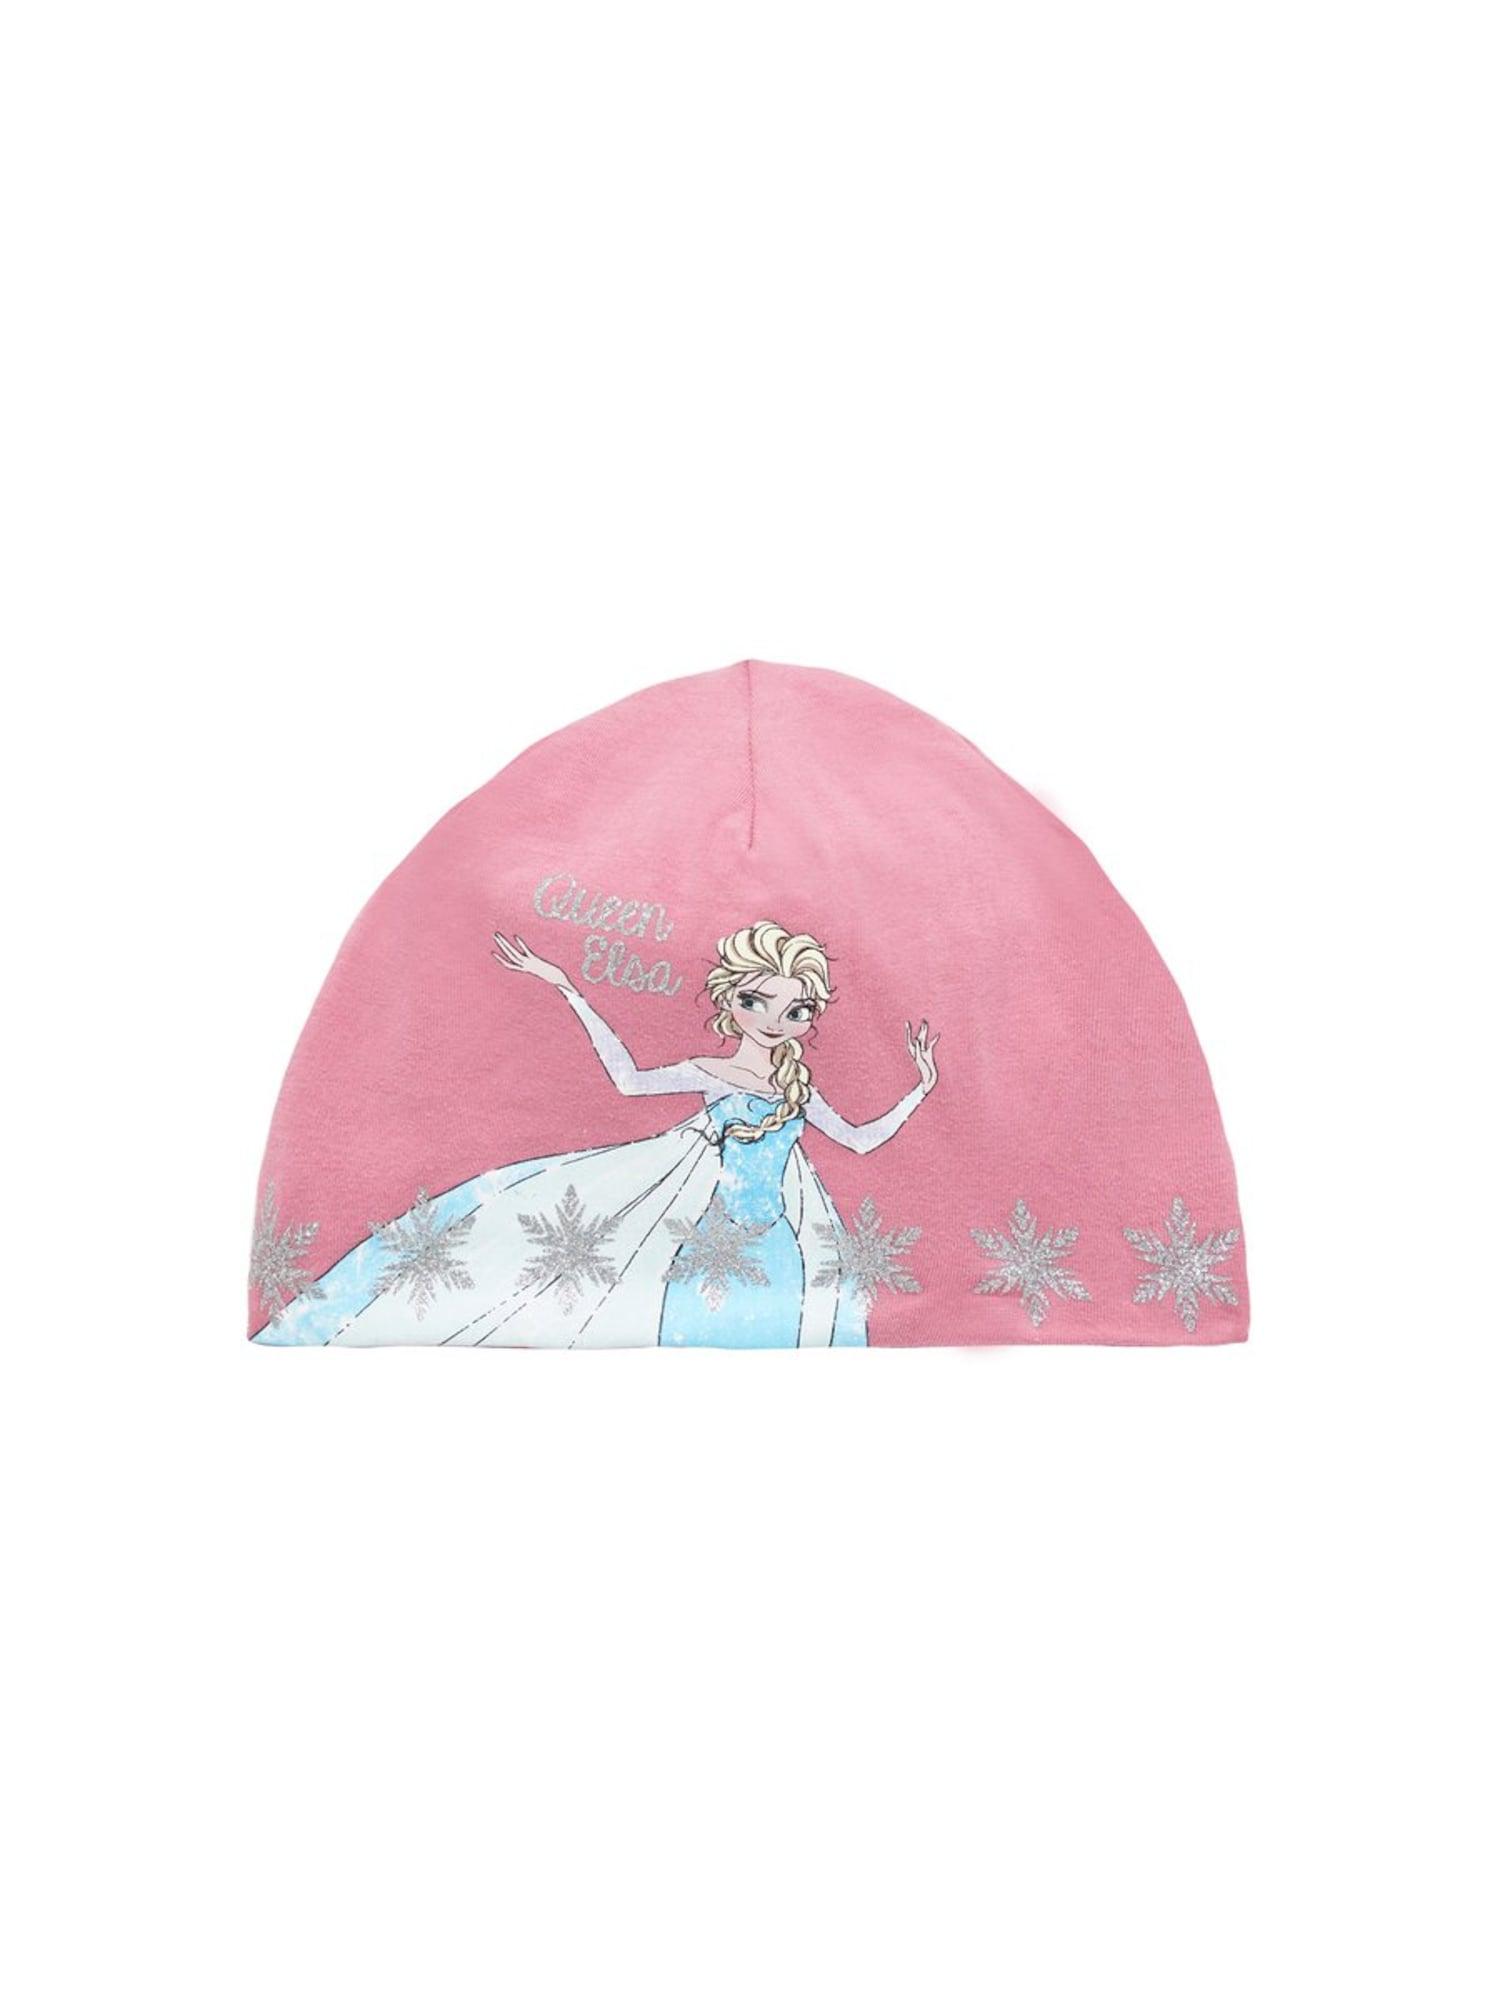 NAME IT Megzta kepurė 'Die Eiskönigin 2' mišrios spalvos / rožinė